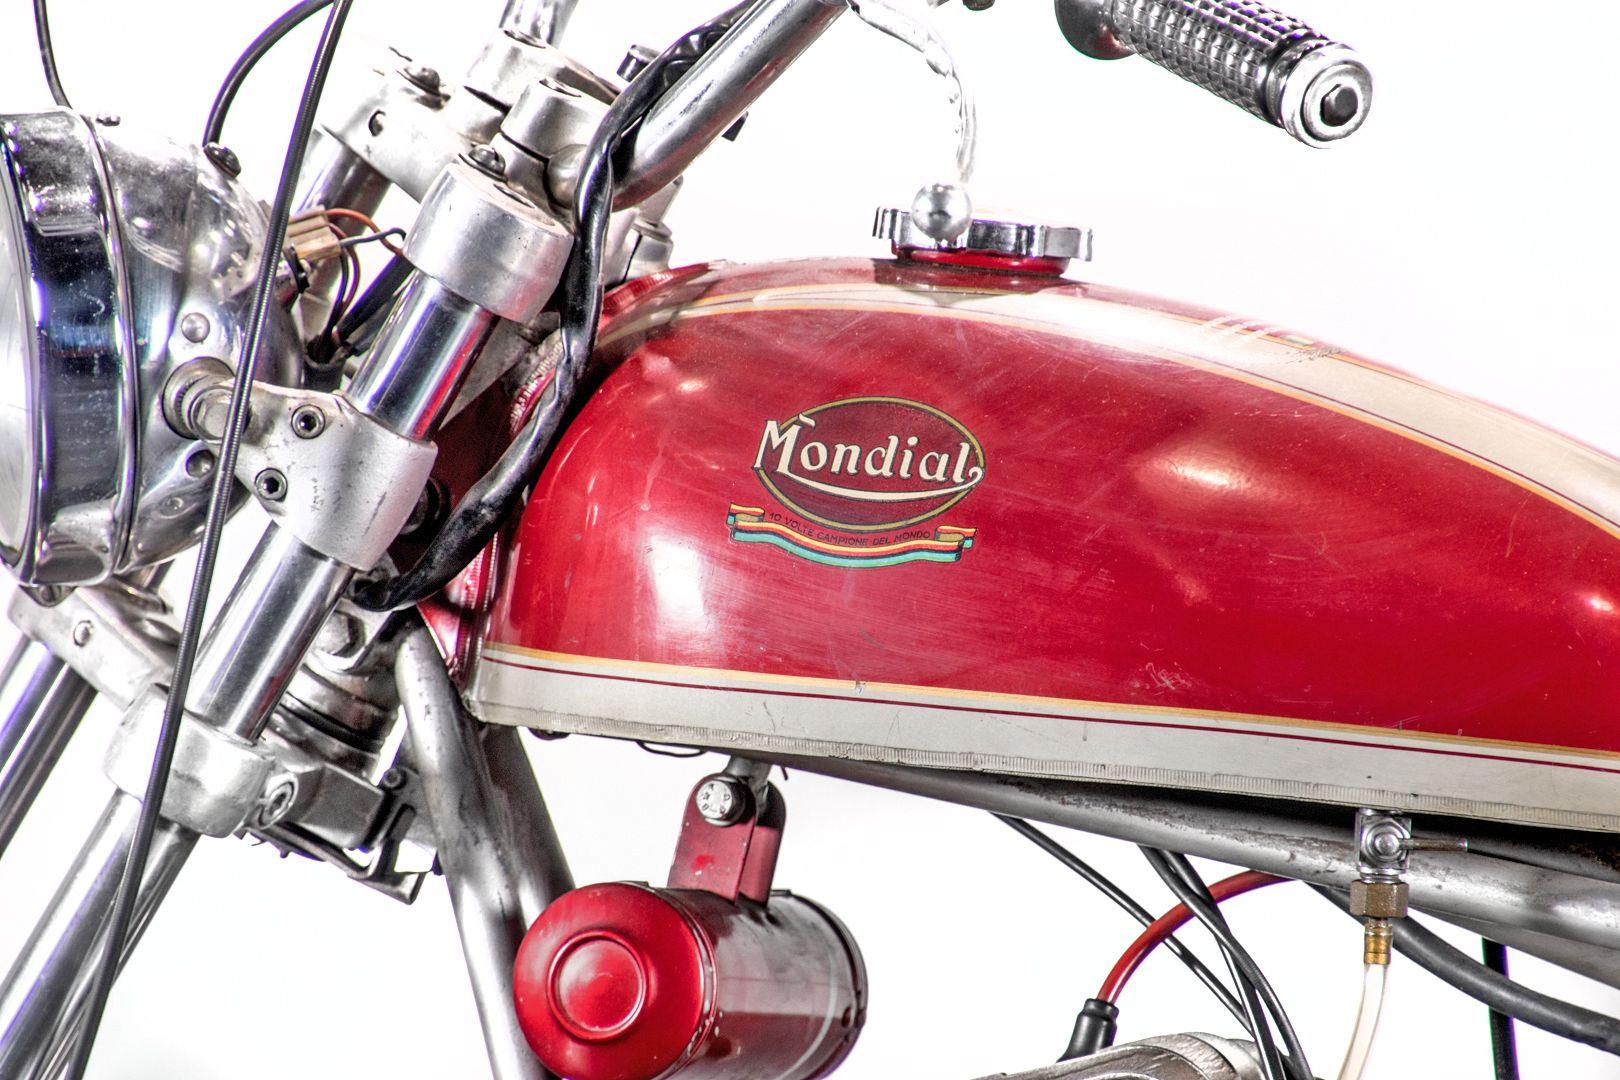 1995 Mondial 125 Enduro 75126